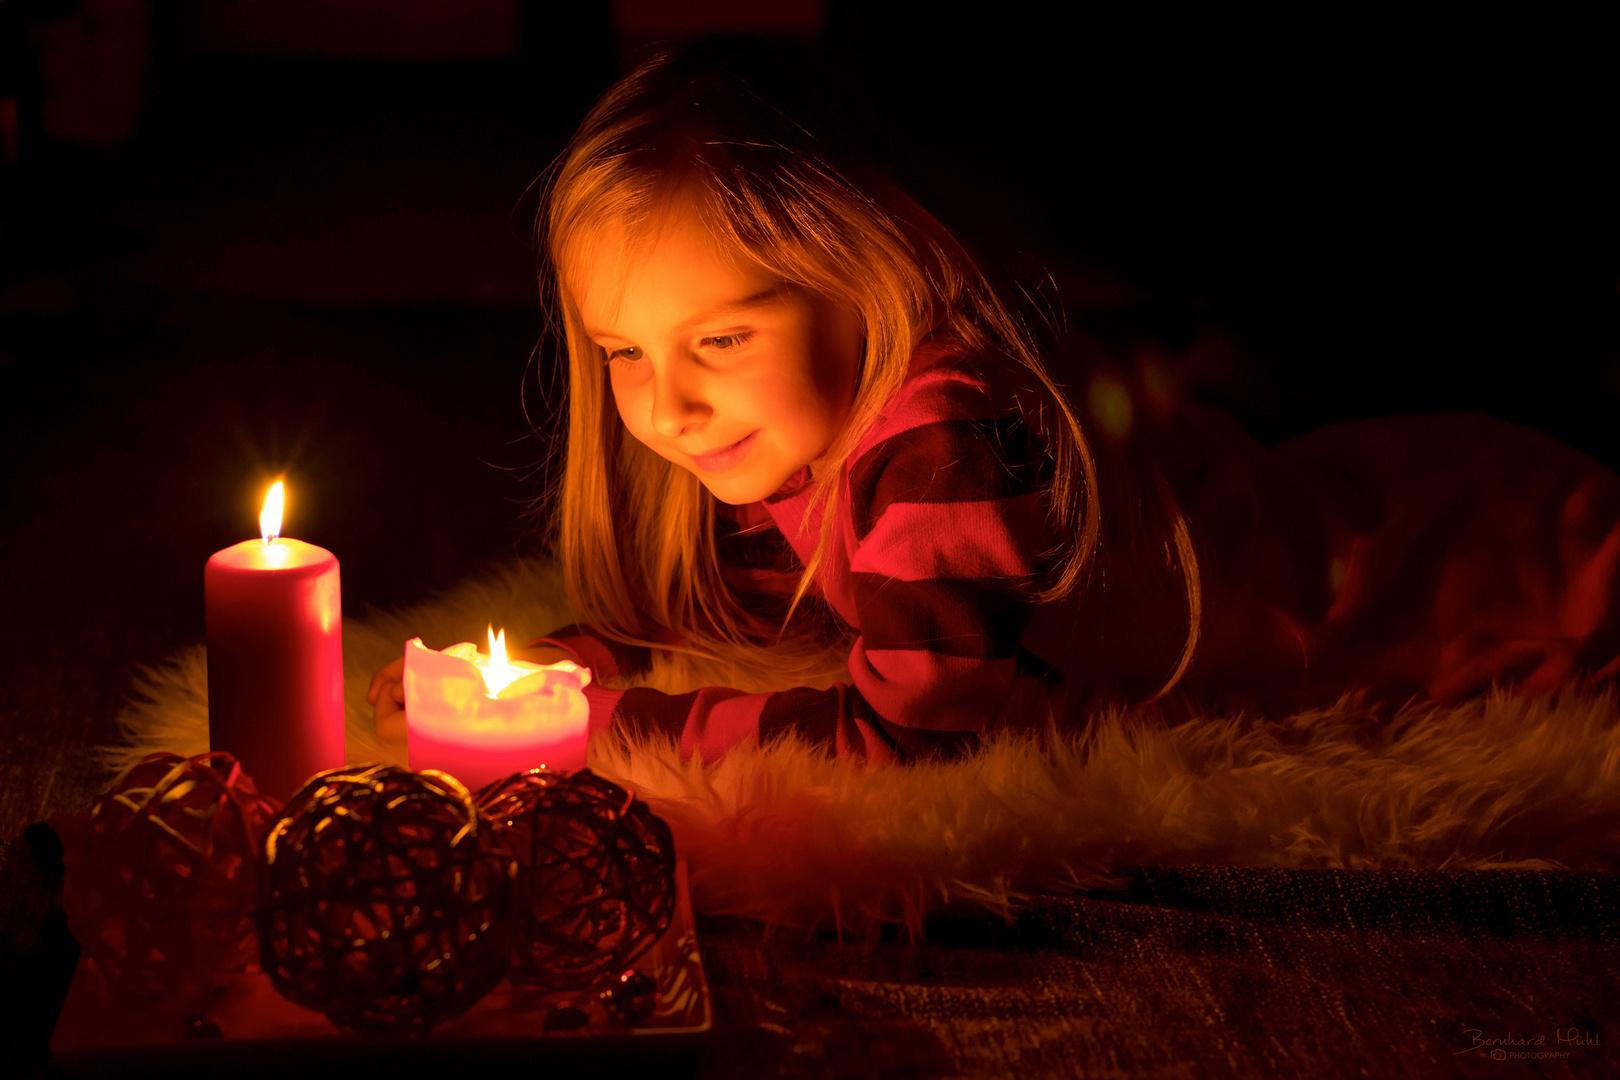 kerzenlicht foto amp bild kinder portraits weihnachten